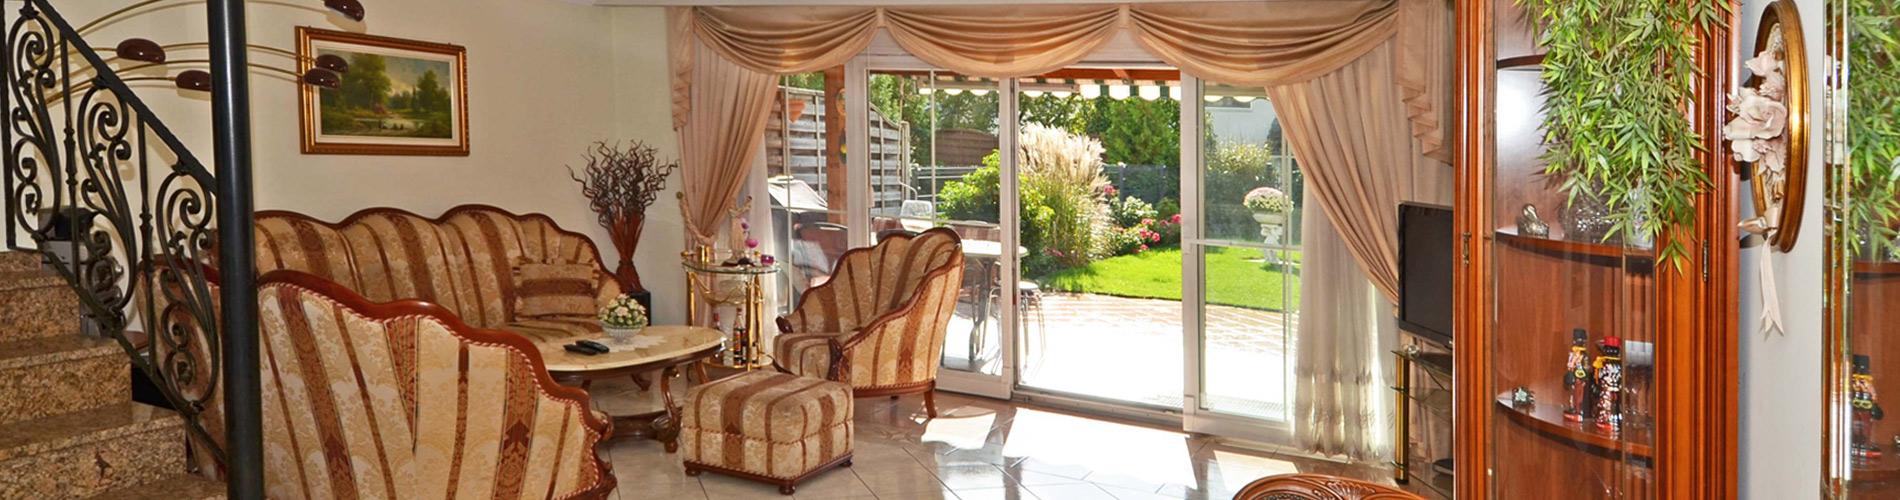 Stilvolles, elegantes 4.5-Zi'- Einfamilienhaus in Kaiseraugst